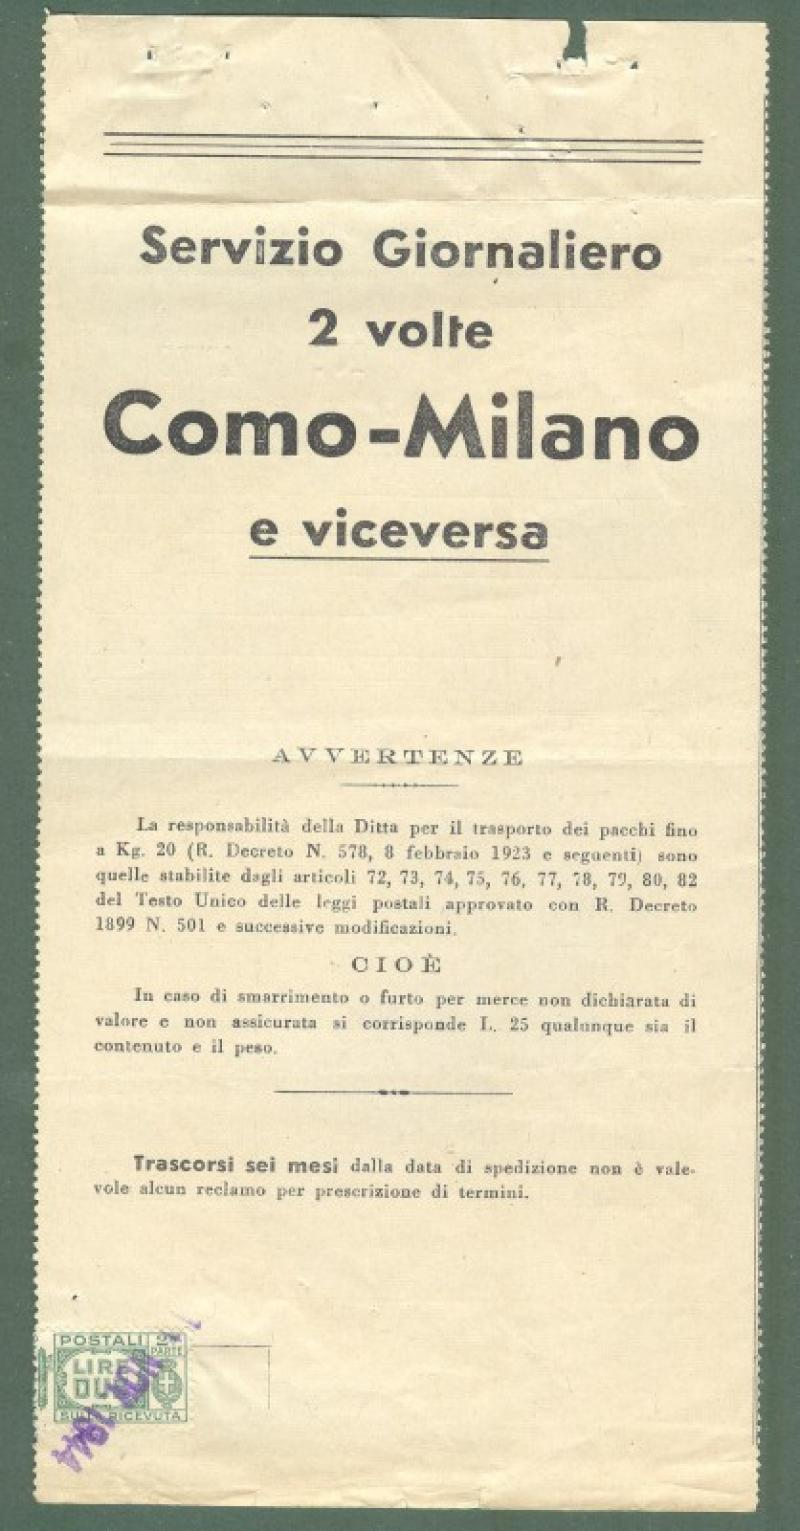 REPUBBLICA. SOCIALE. Bolletta di consegna del 11.11.1944